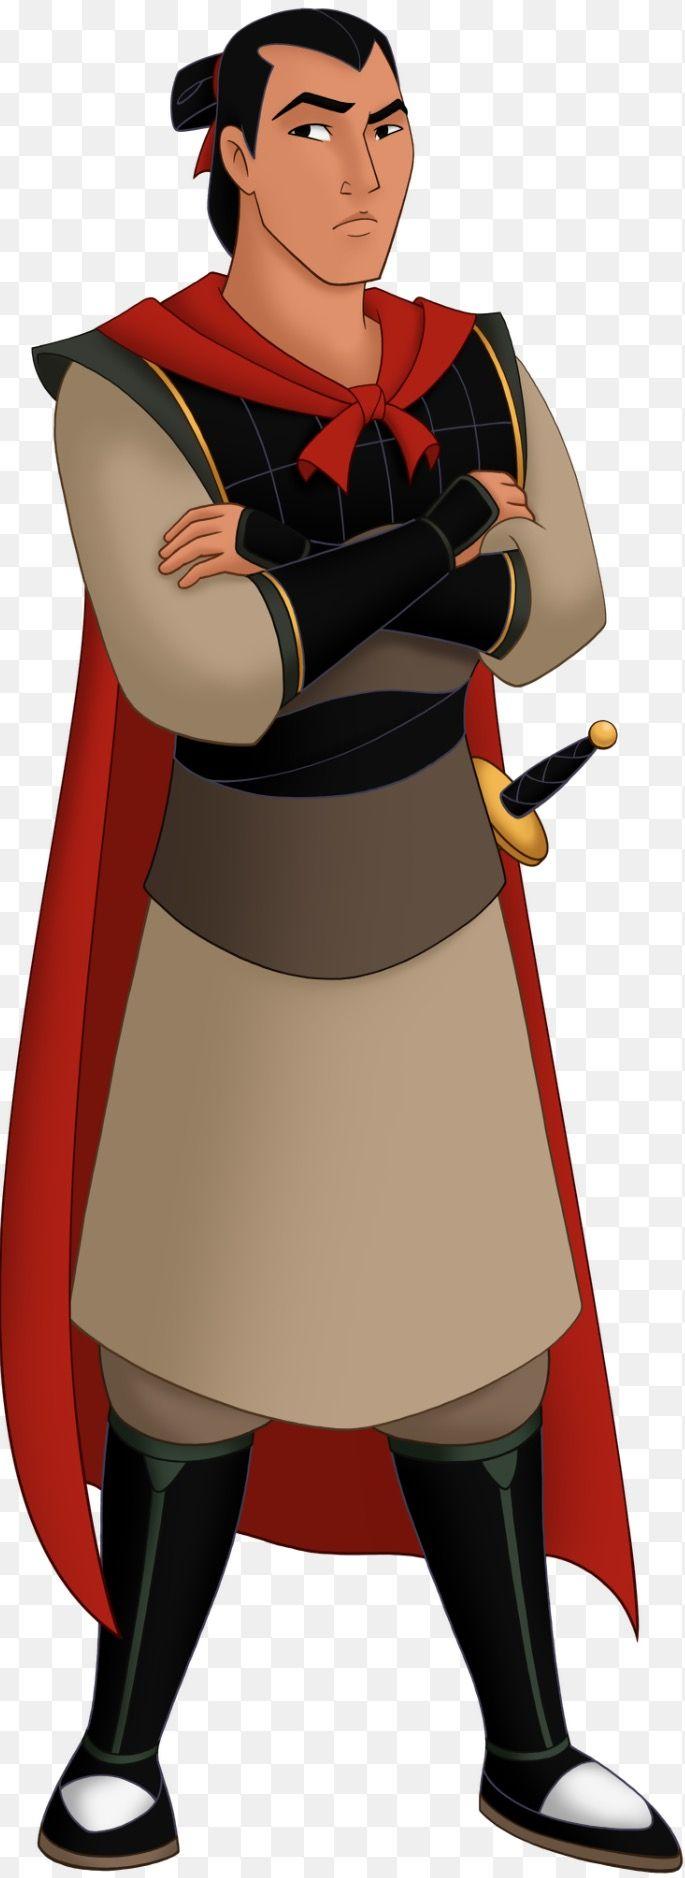 Princess disney  sc 1 st  Pinterest & Pin by Kion on Mulan | Pinterest | Princess disney